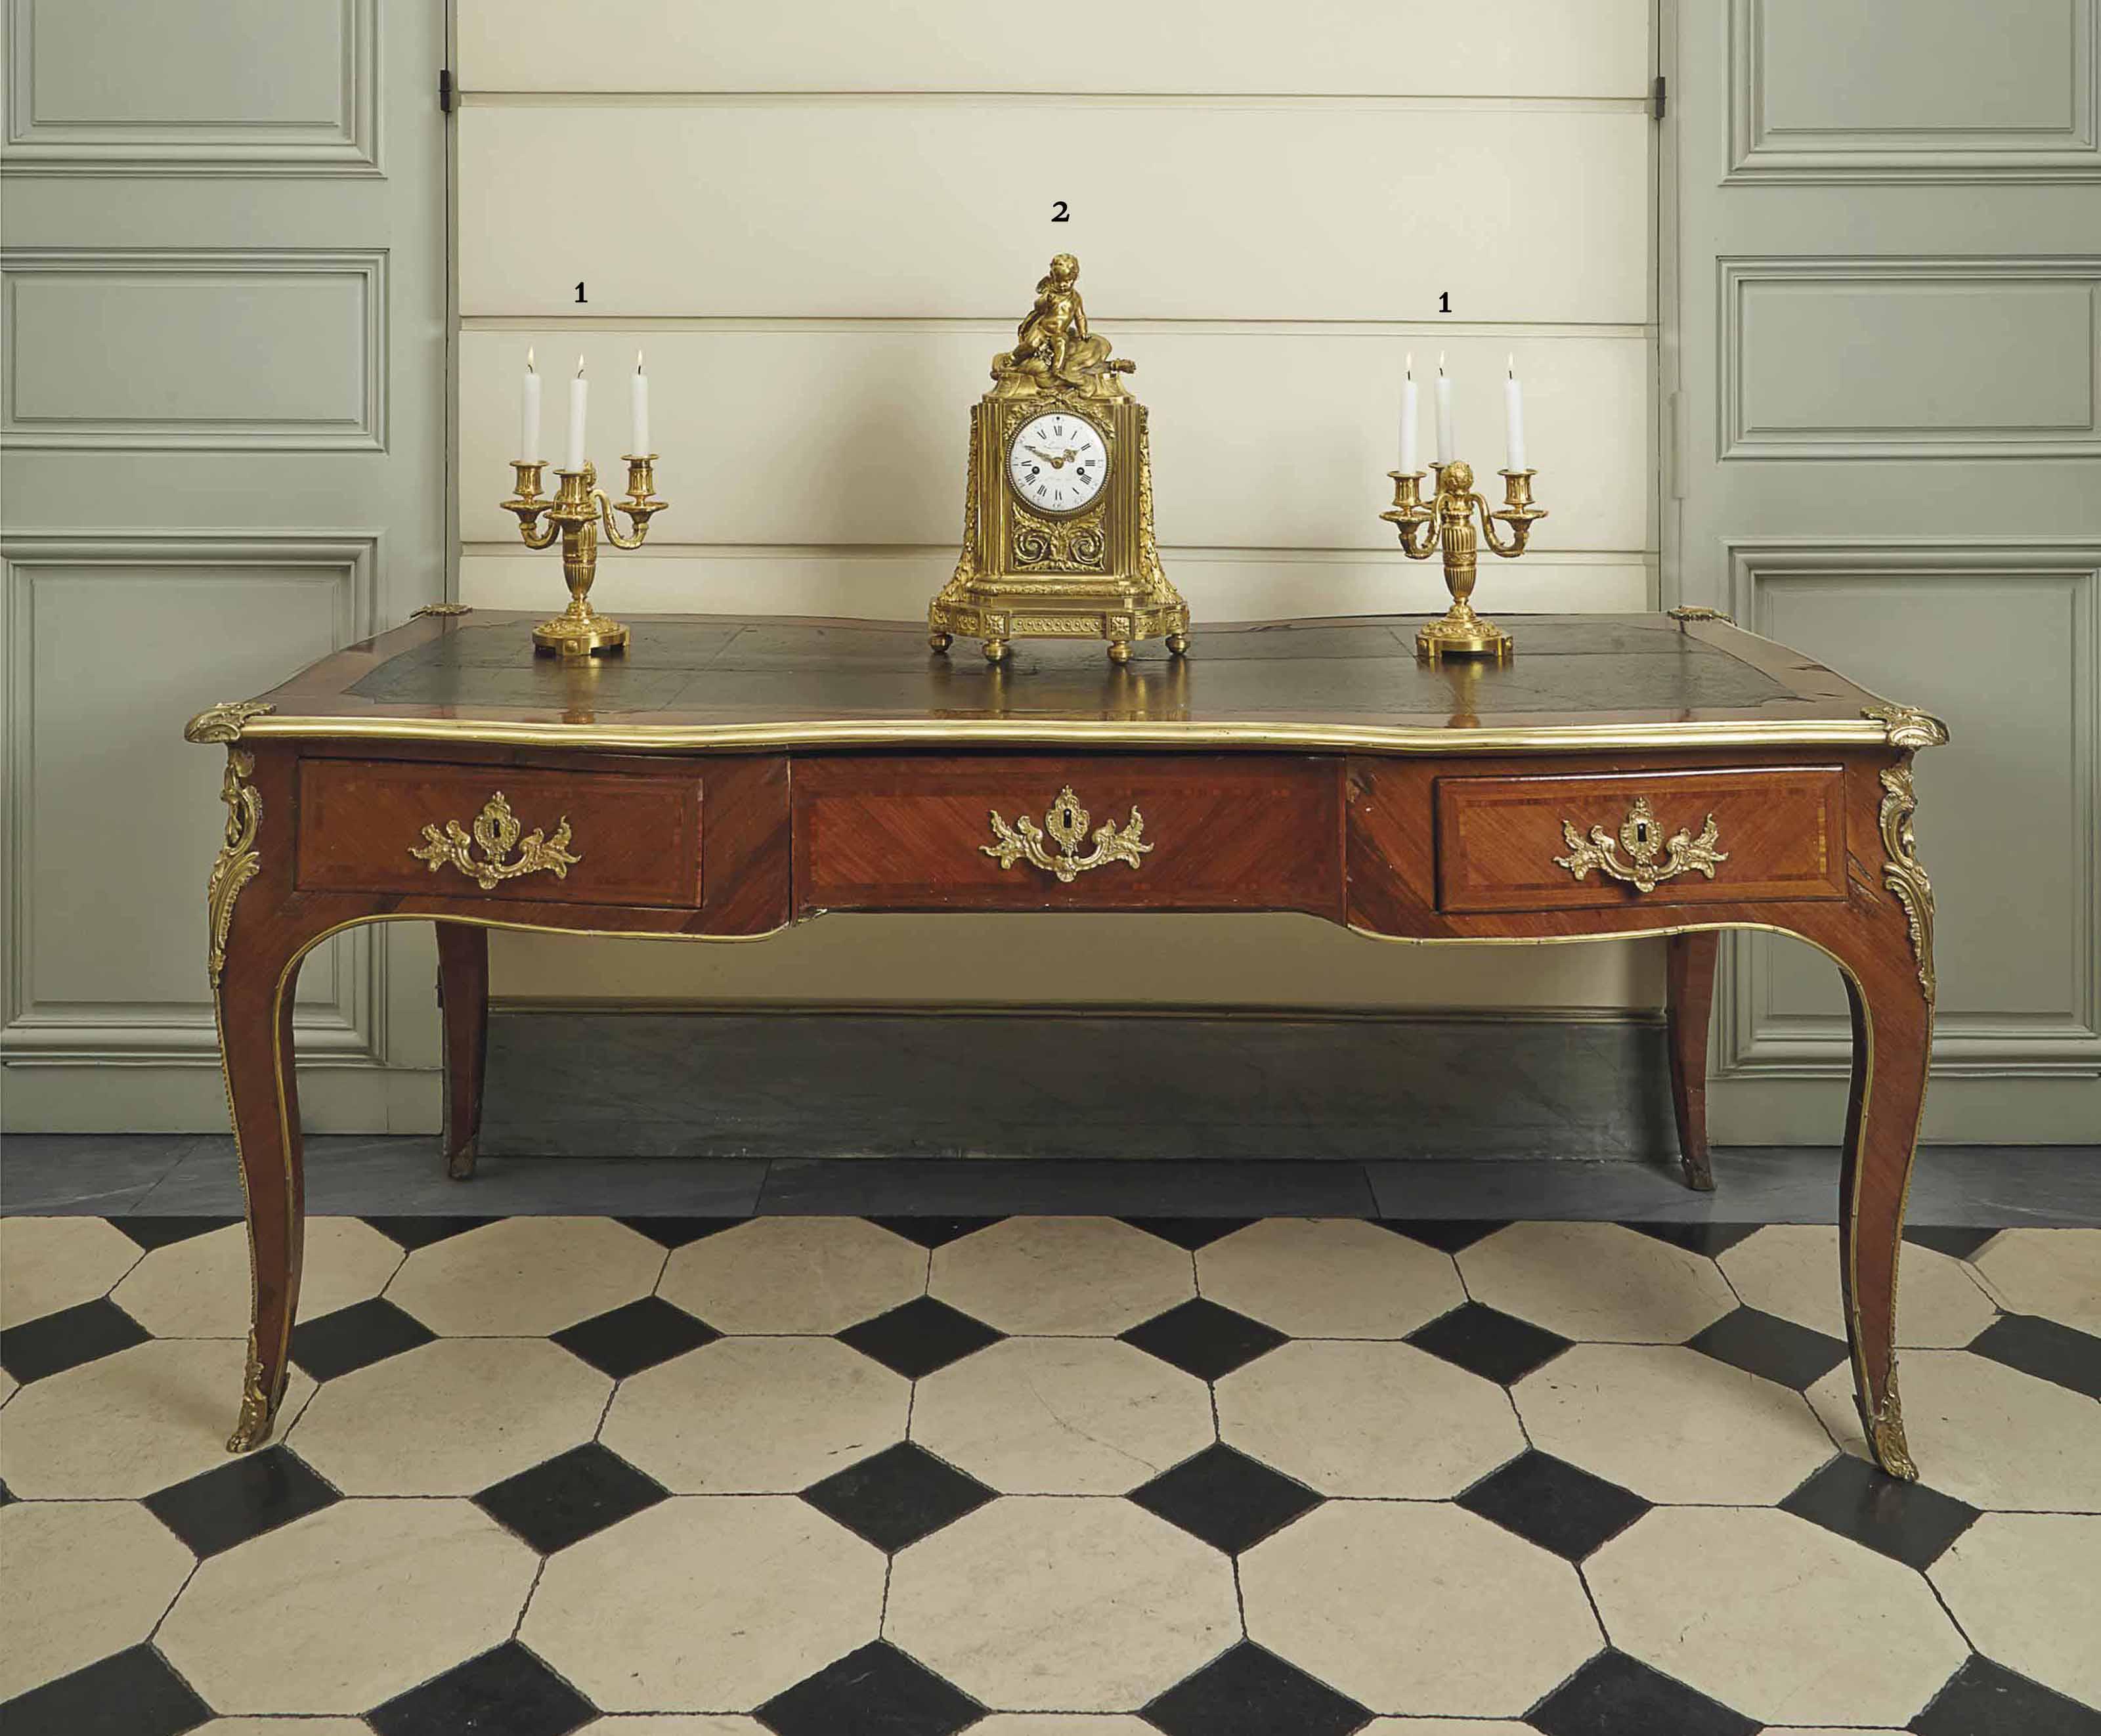 pendule borne d 39 epoque louis xvi signature de lepaute dernier quart du xviiieme siecle. Black Bedroom Furniture Sets. Home Design Ideas